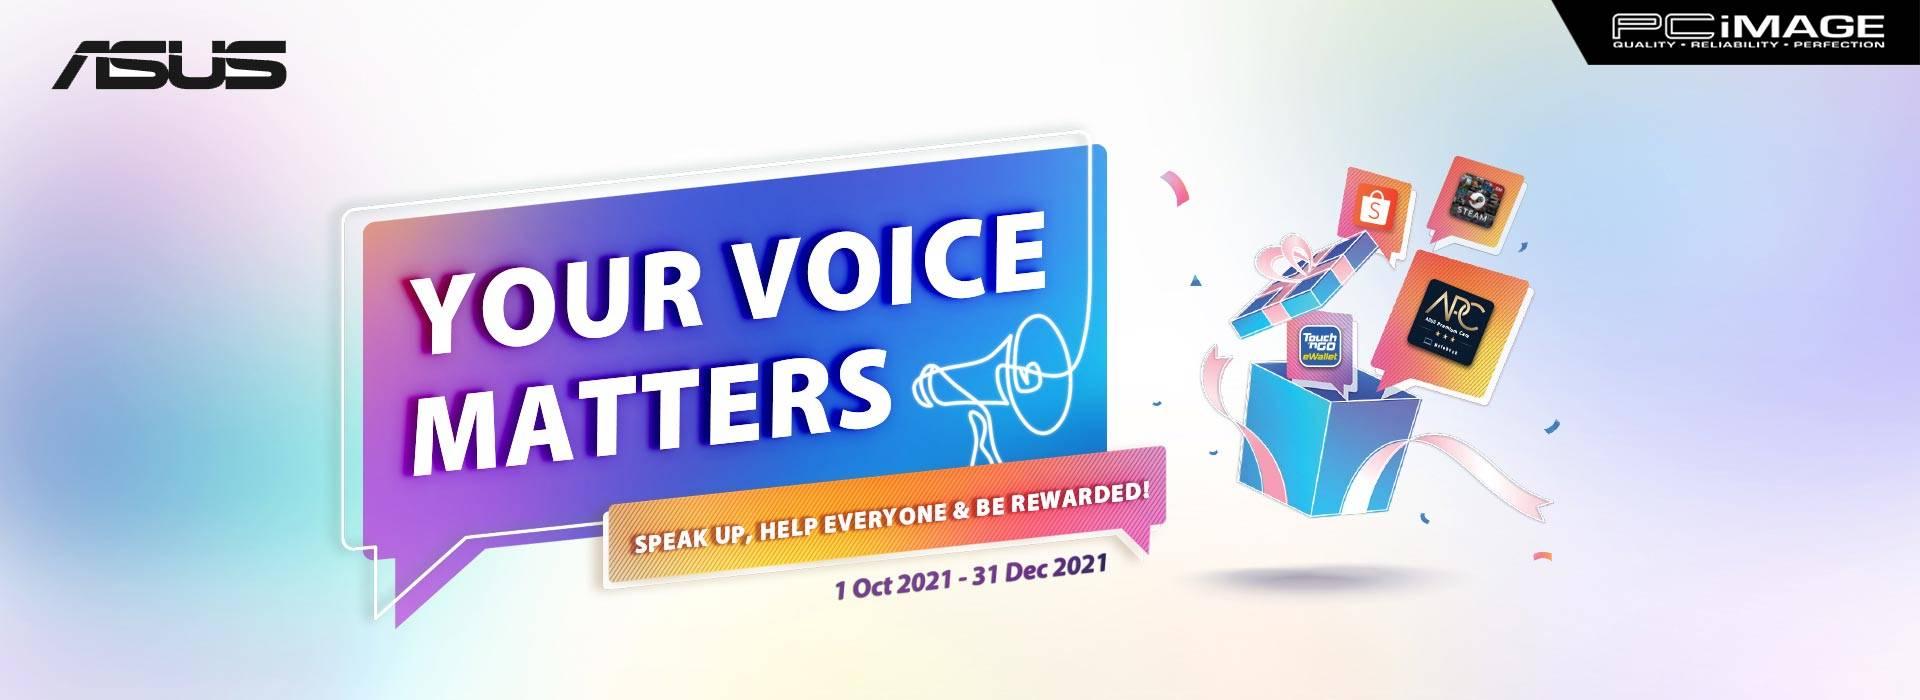 Asus Your Voice 31 Dec